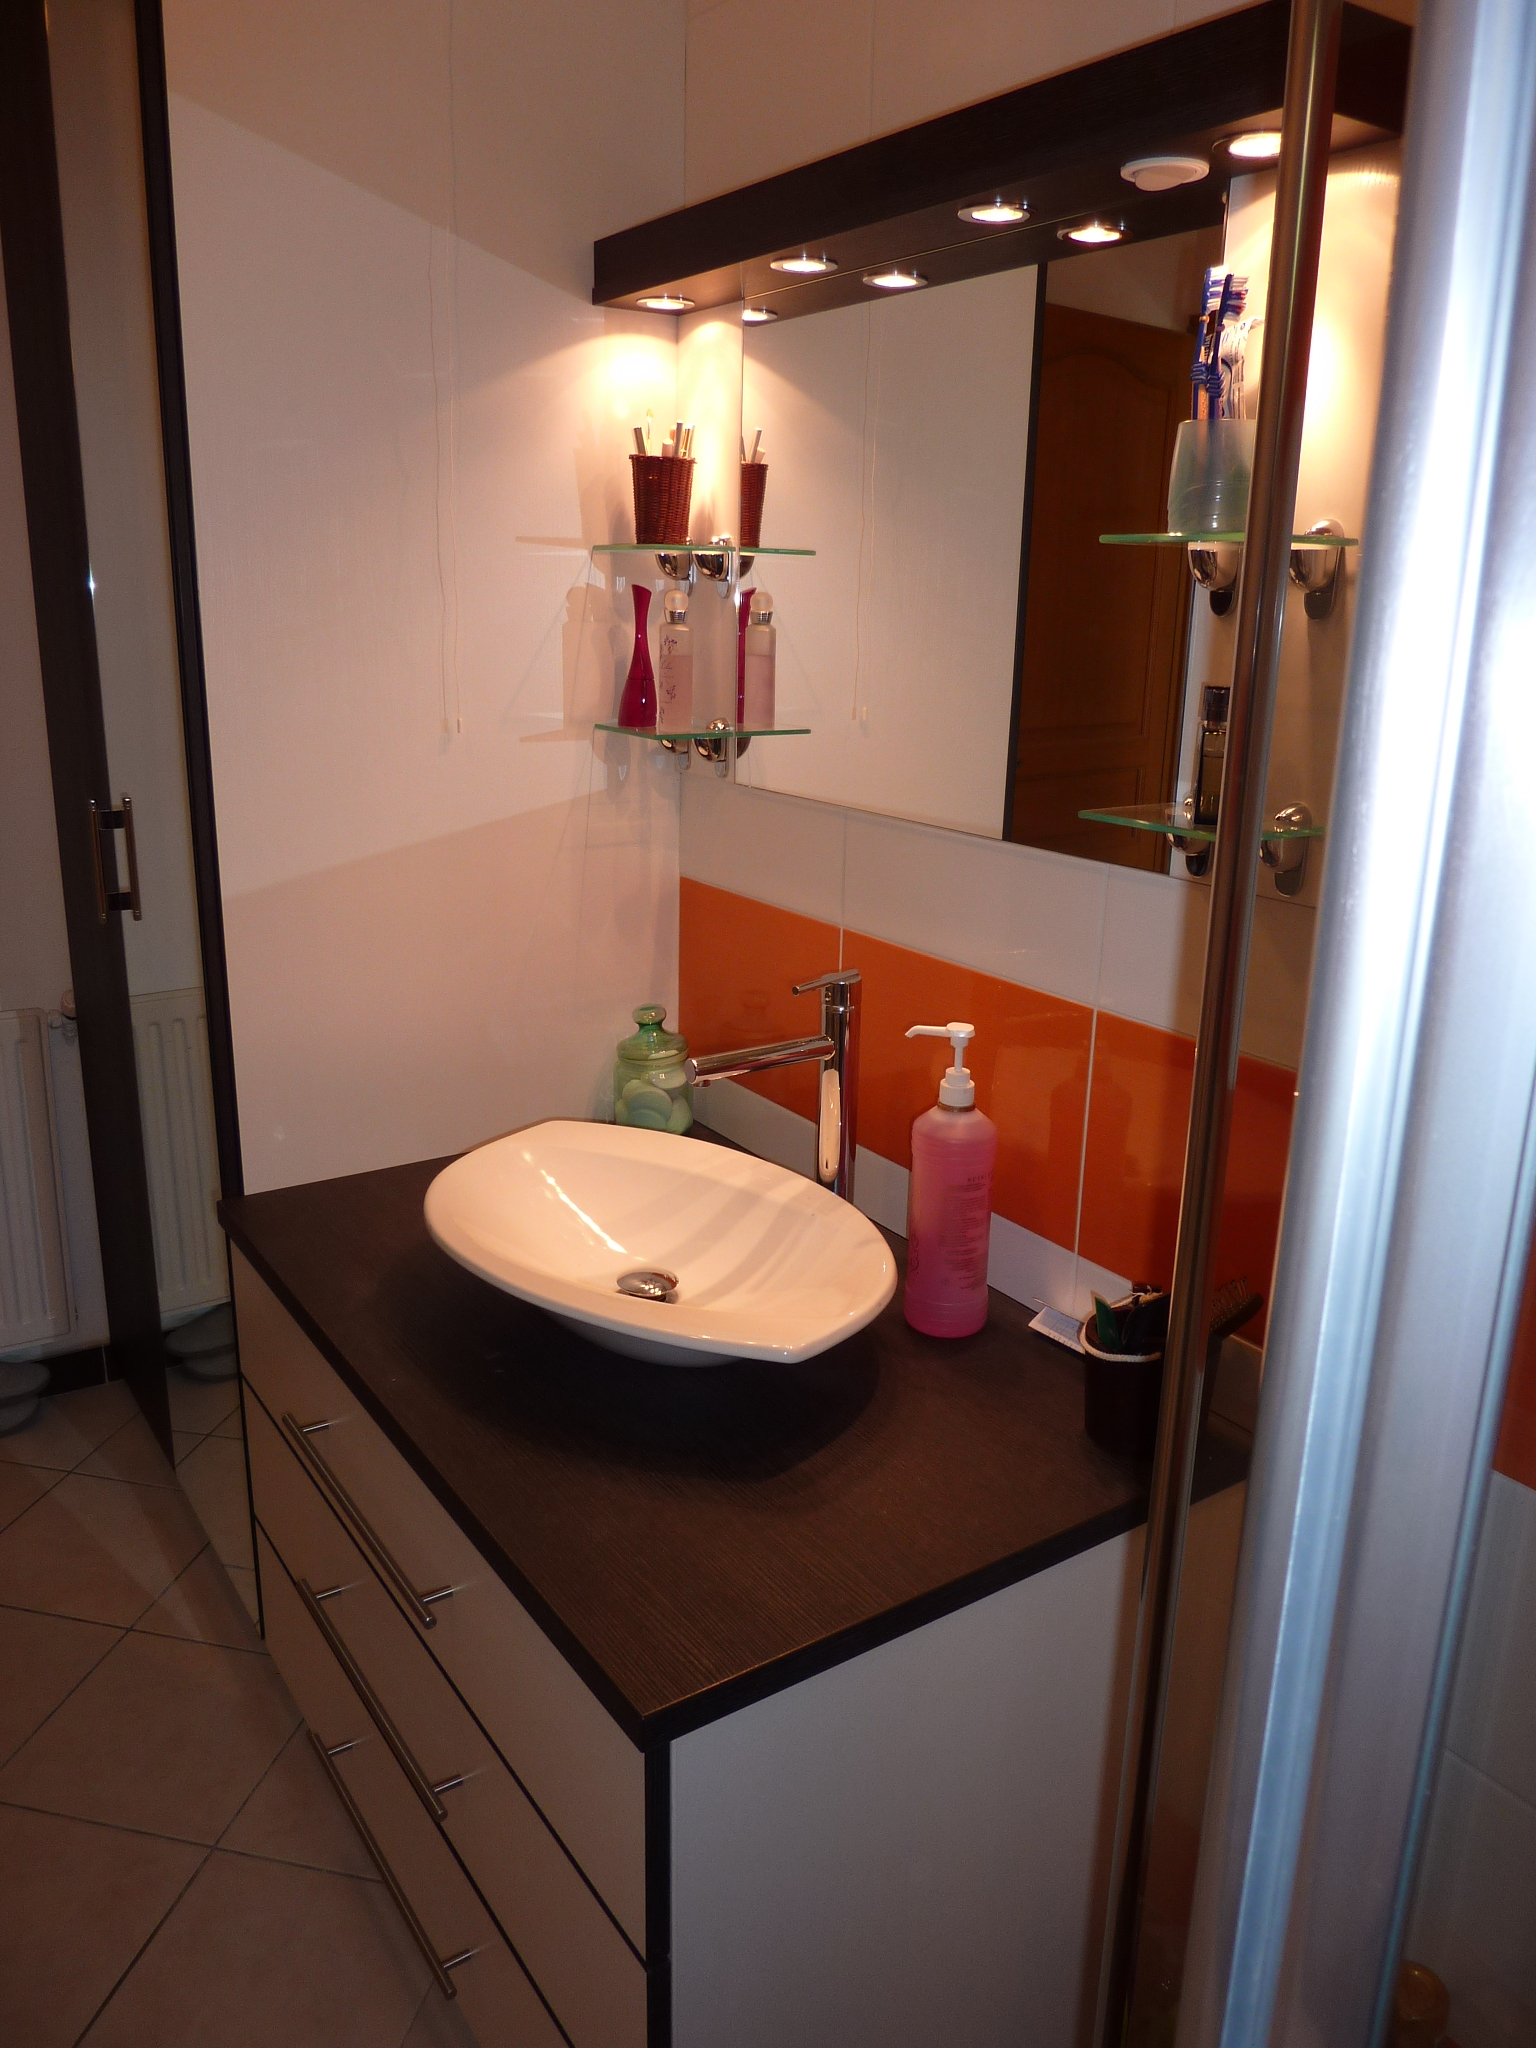 meuble de salle de bains avec grands tiroirs ralentisseurs. Black Bedroom Furniture Sets. Home Design Ideas